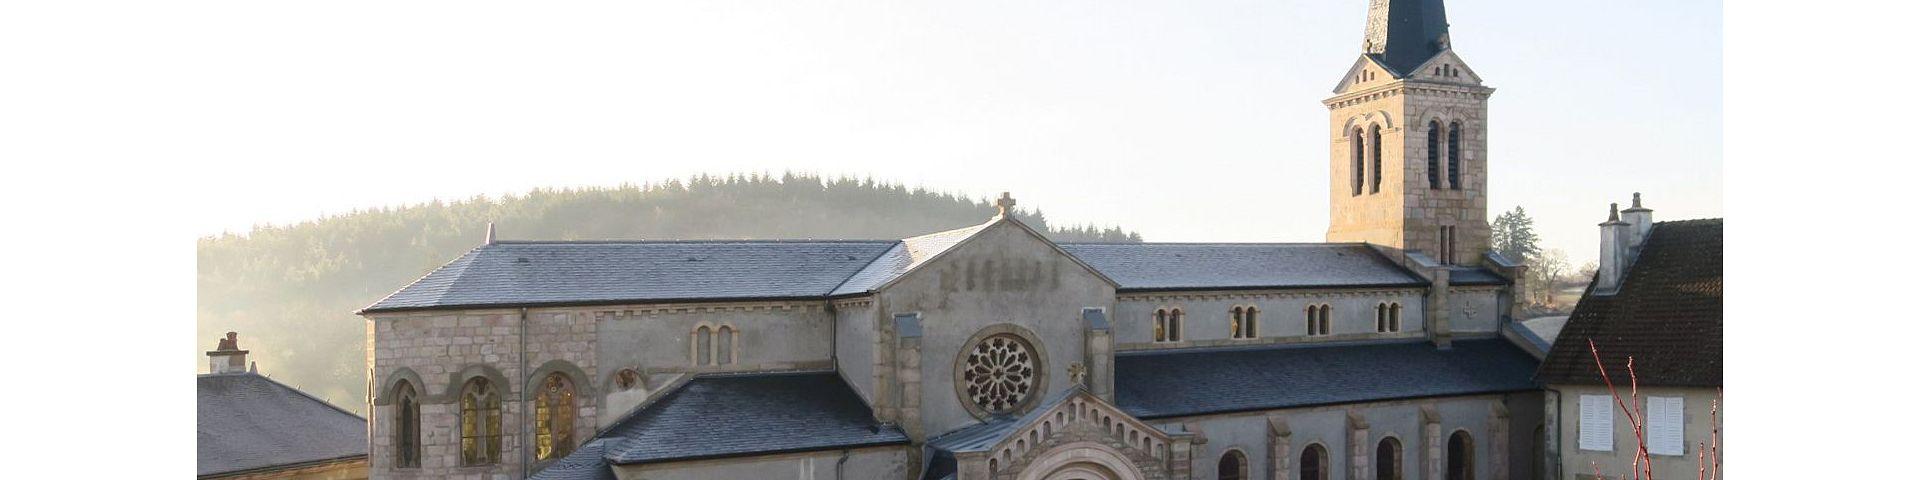 Saint-Léger-sous-Beuvray - Eglise St-Léger (71)